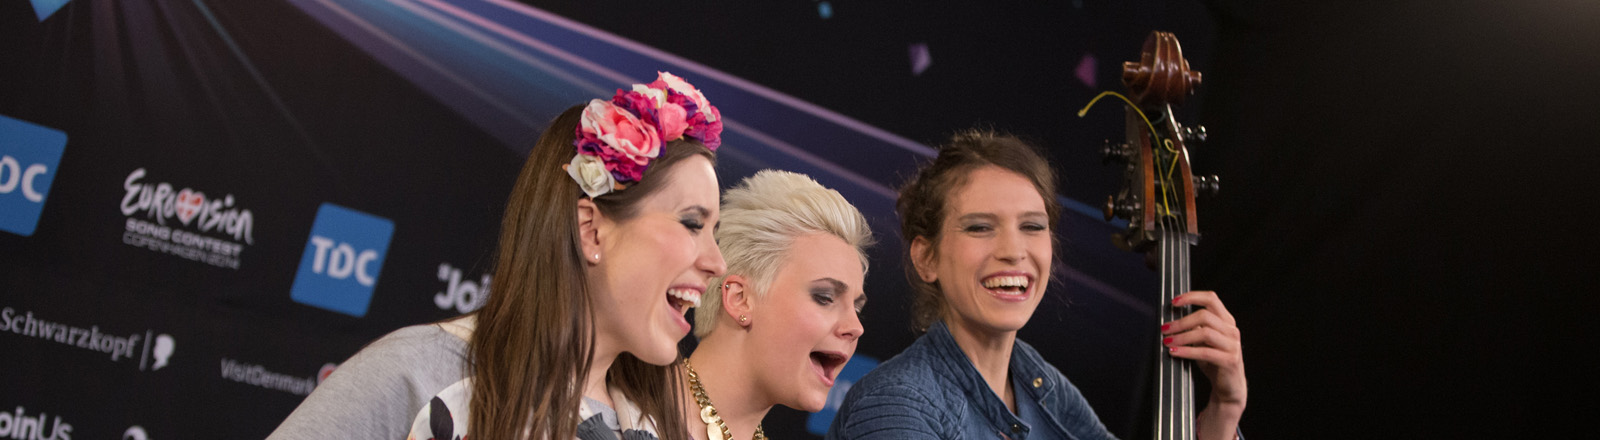 Yvonne Gruenwald, Ela Steinmetz und Natalie Ploeger (L-R) von Elaiza